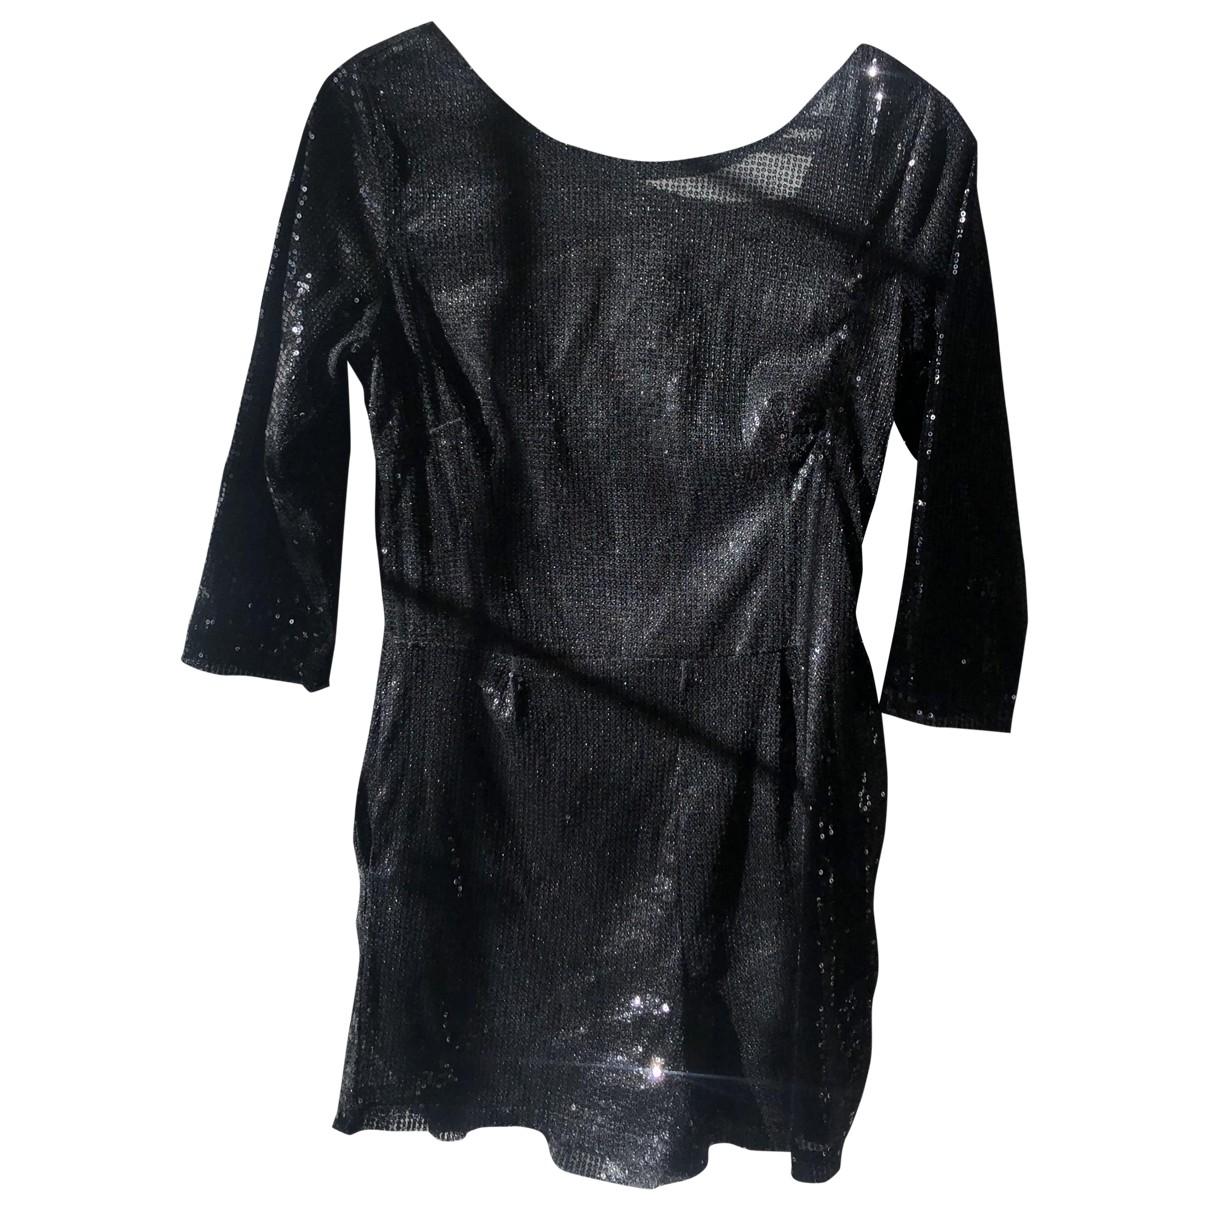 Minimarket \N Black dress for Women S International